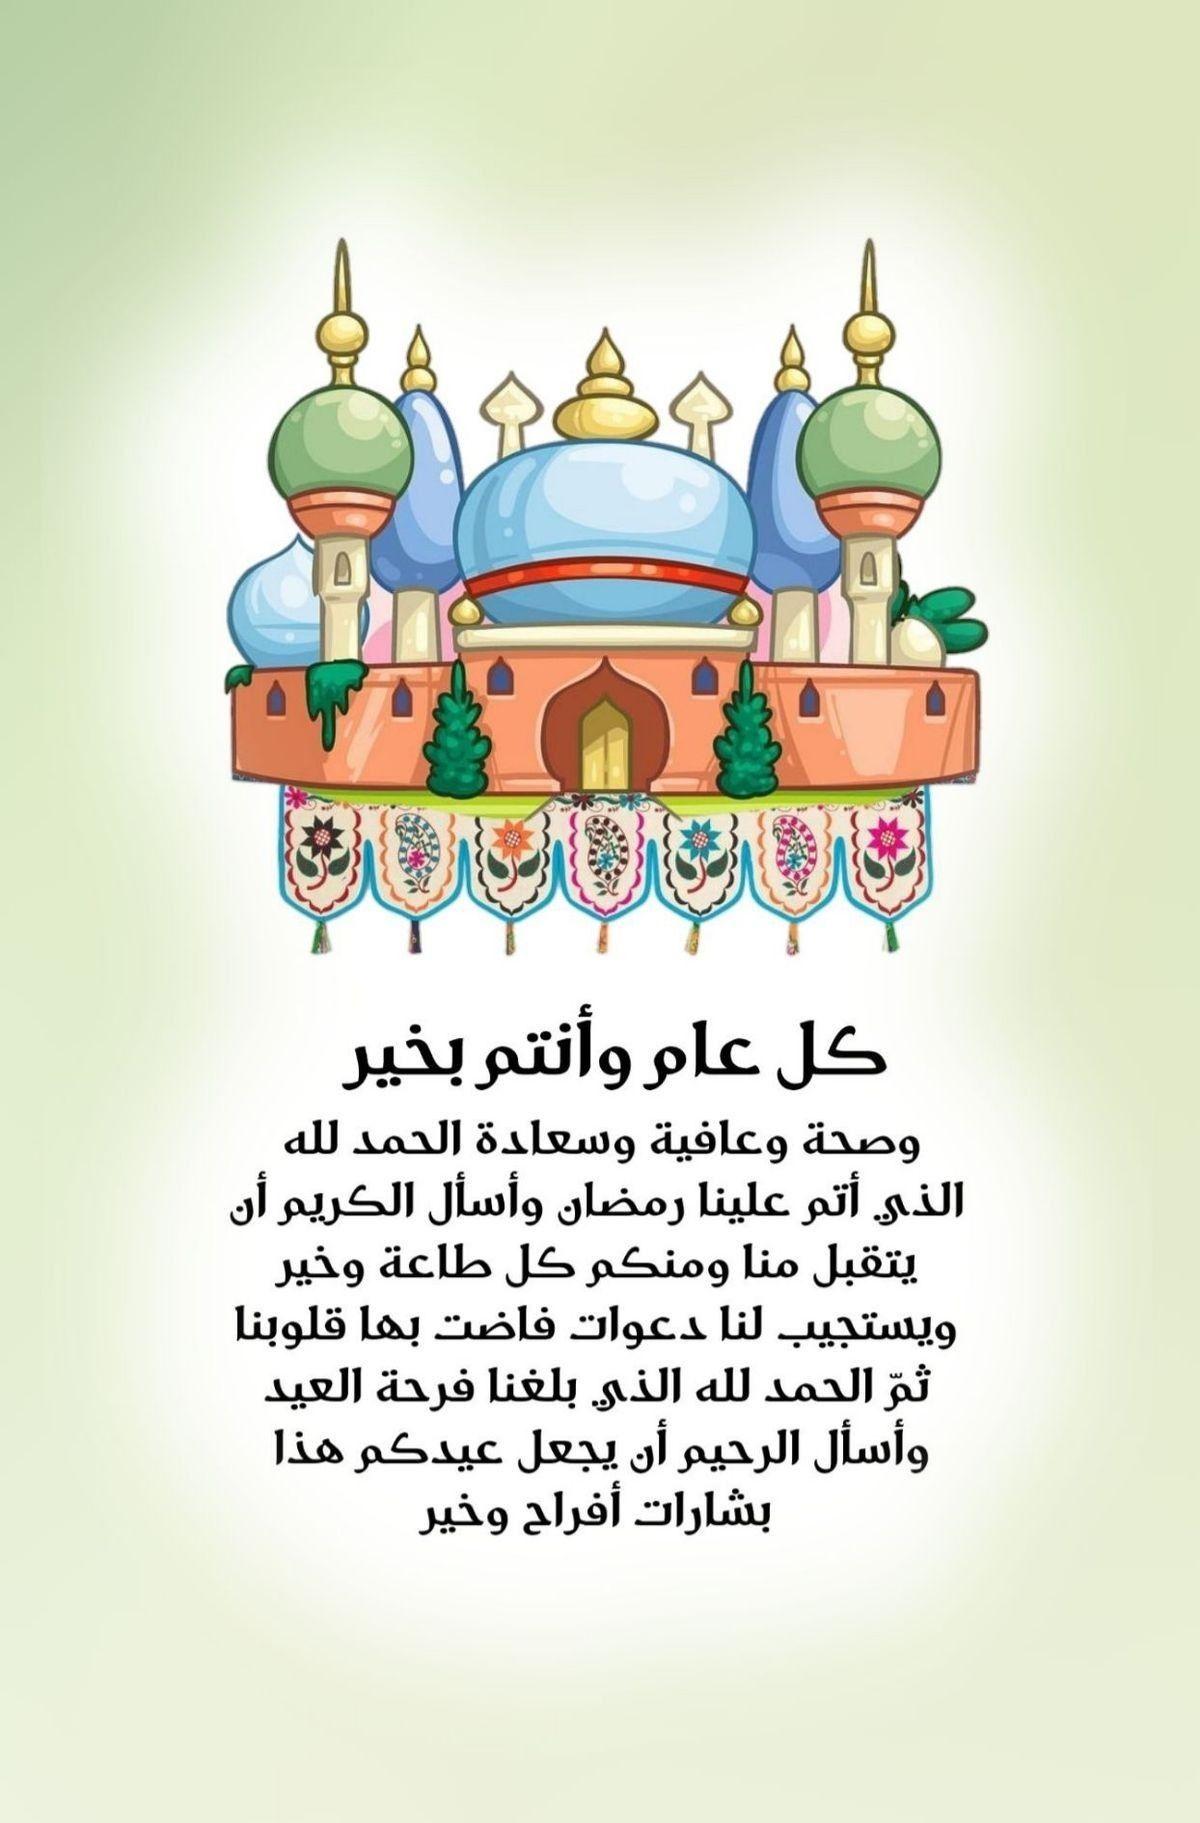 Pin By صورة و كلمة On عيد الفطر عيد الأضحى Eid Mubark Ramadan Kareem Ramadan Happy Eid